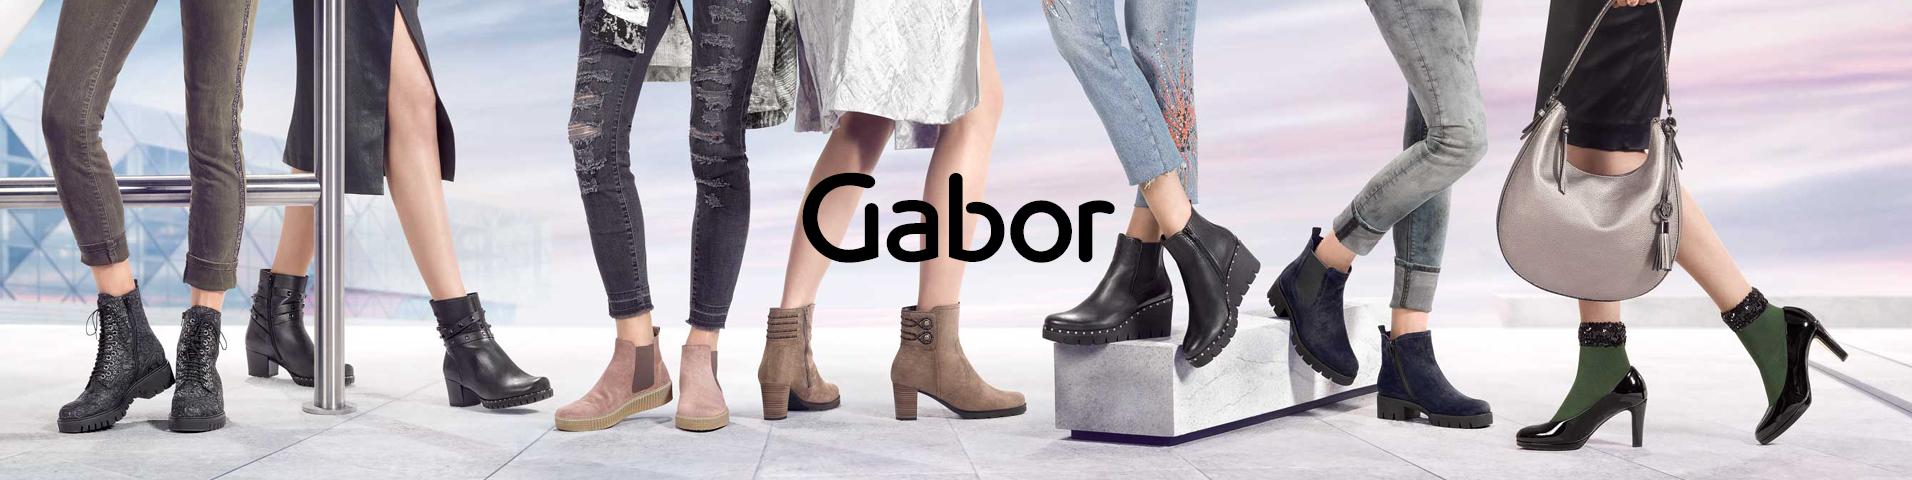 Chaussures Gabor   Nouvelle collection sur Zalando efb3385c35d9